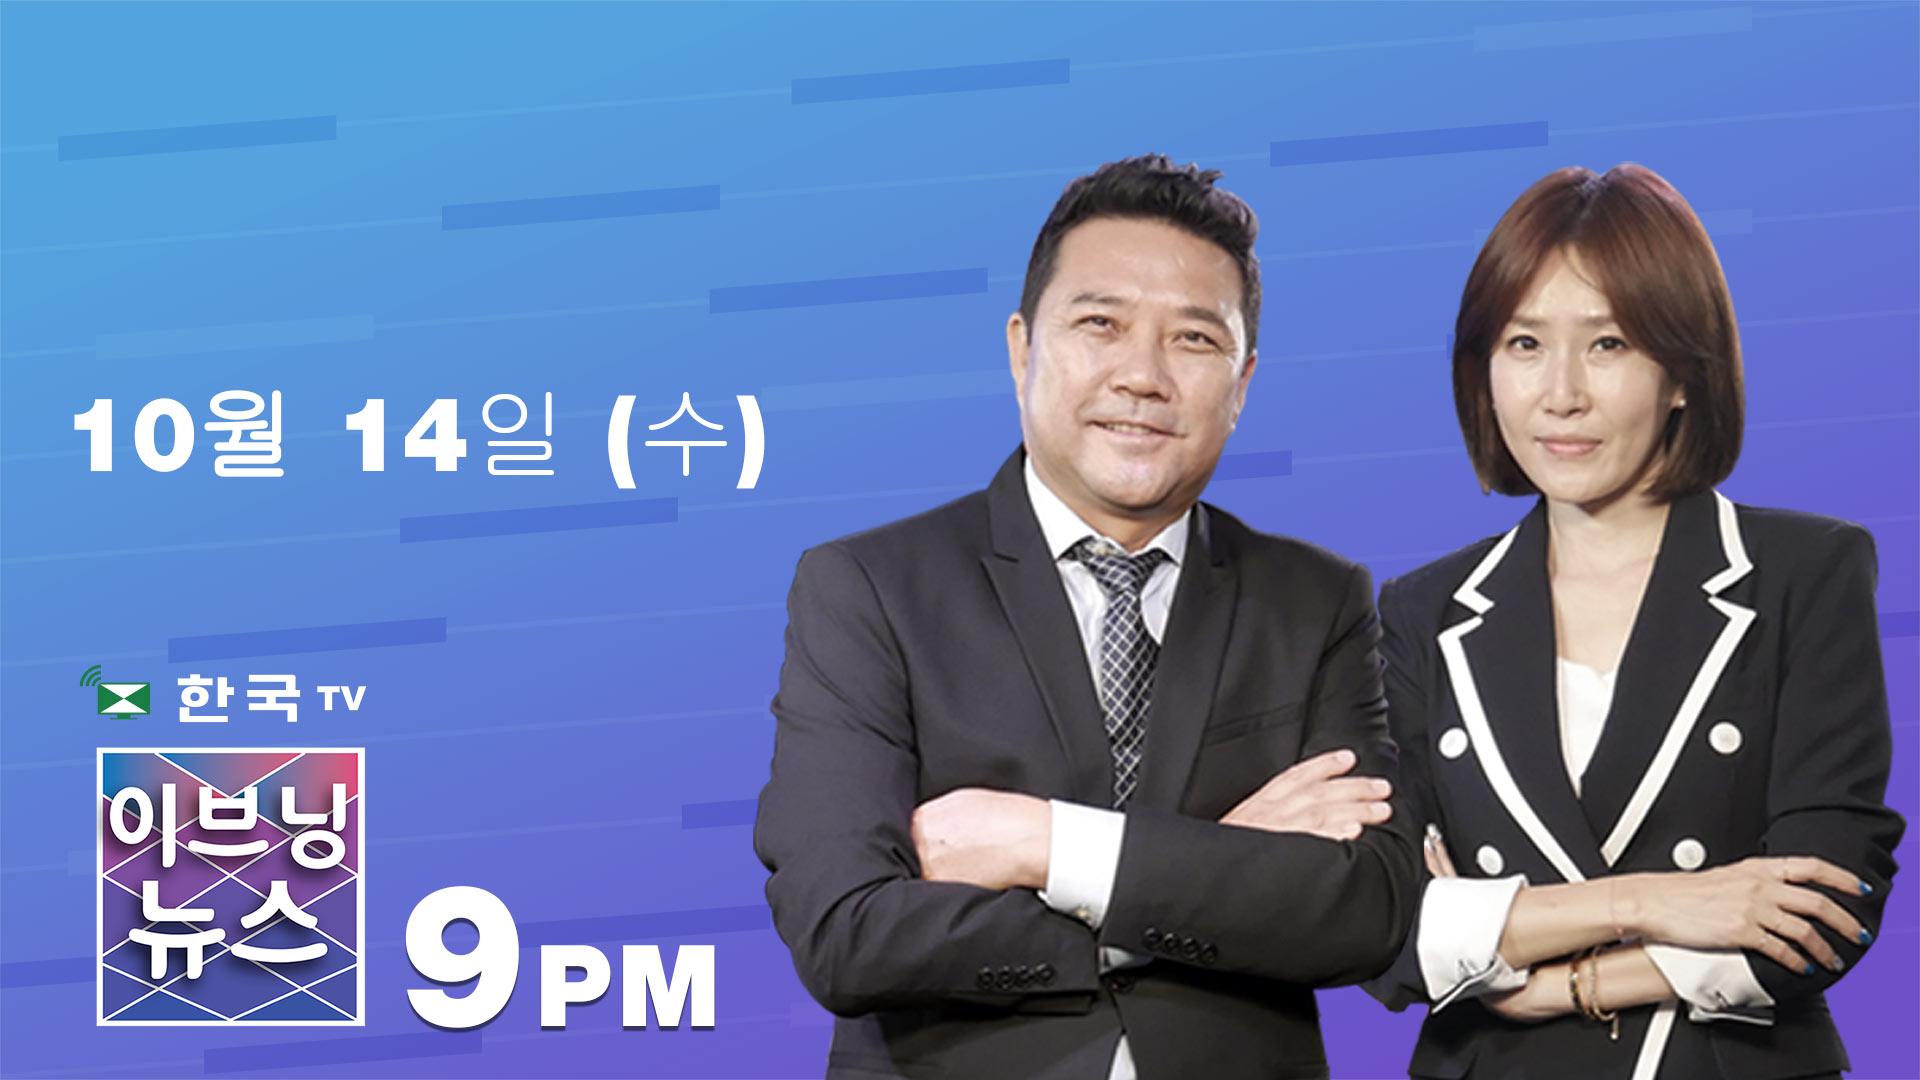 (10.14.2020) 한국TV 이브닝 뉴스